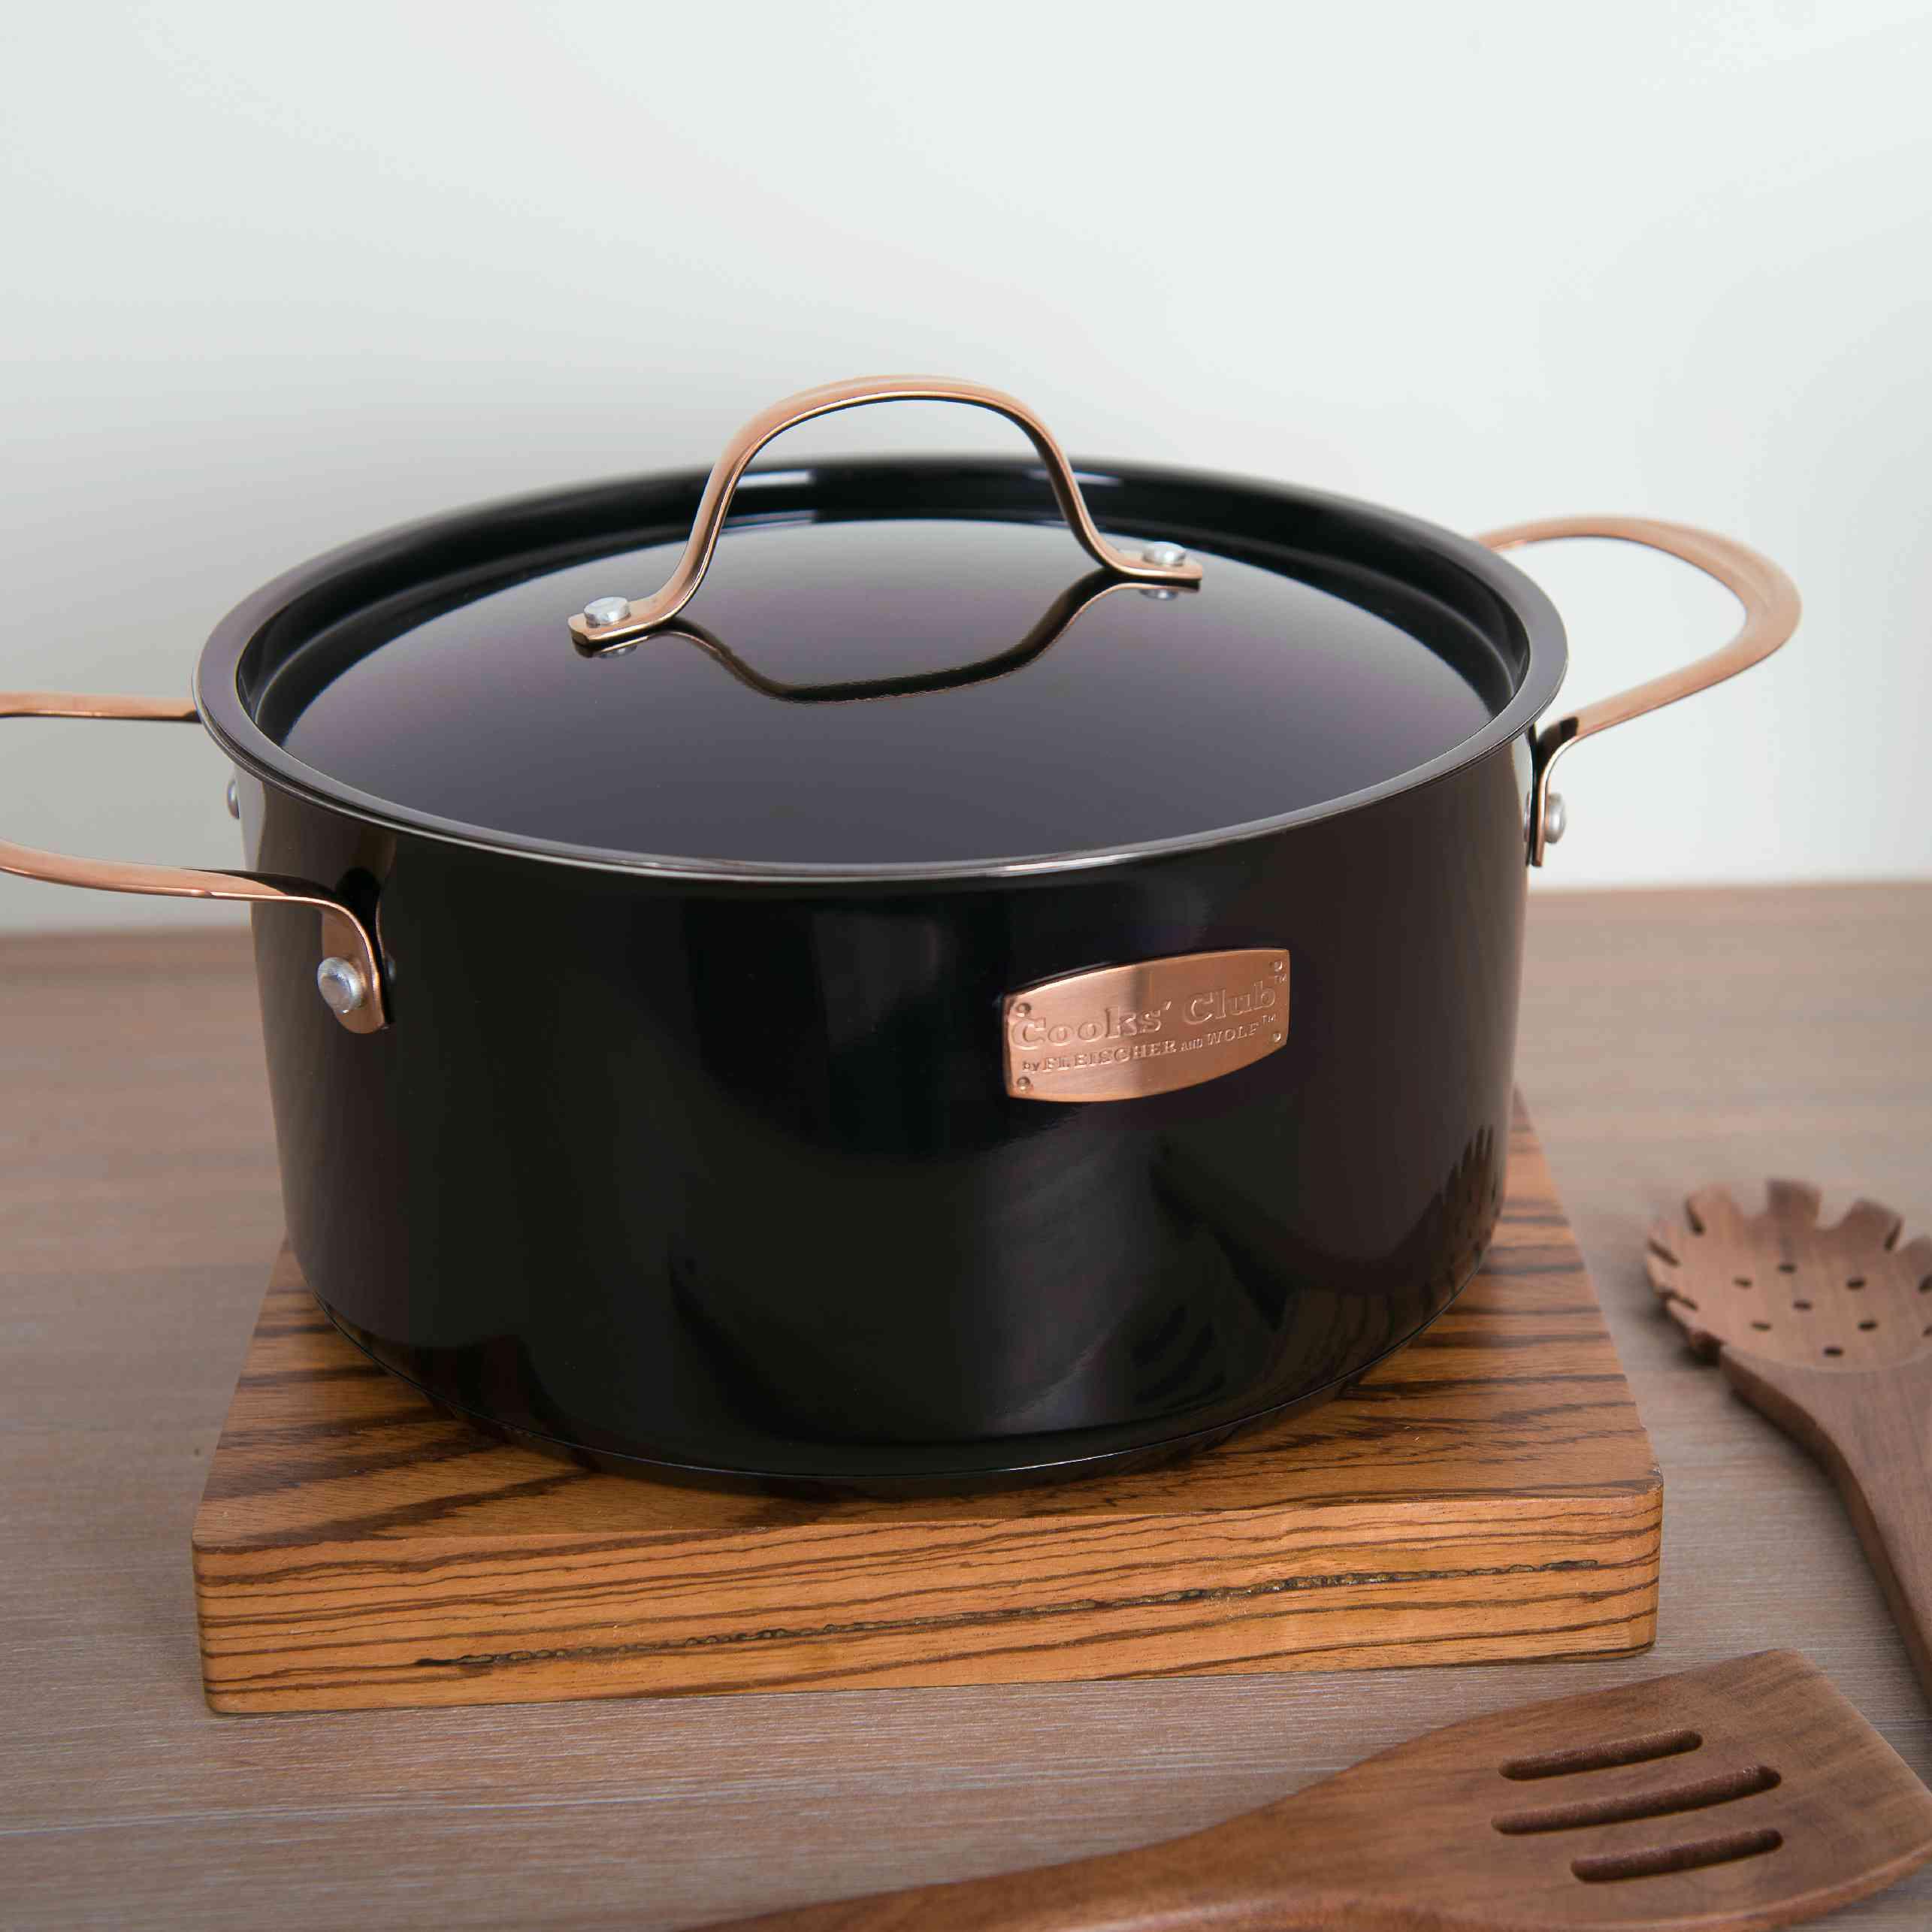 Cooks' Club CO Memphis 5.7 Quart Black Dutch Oven